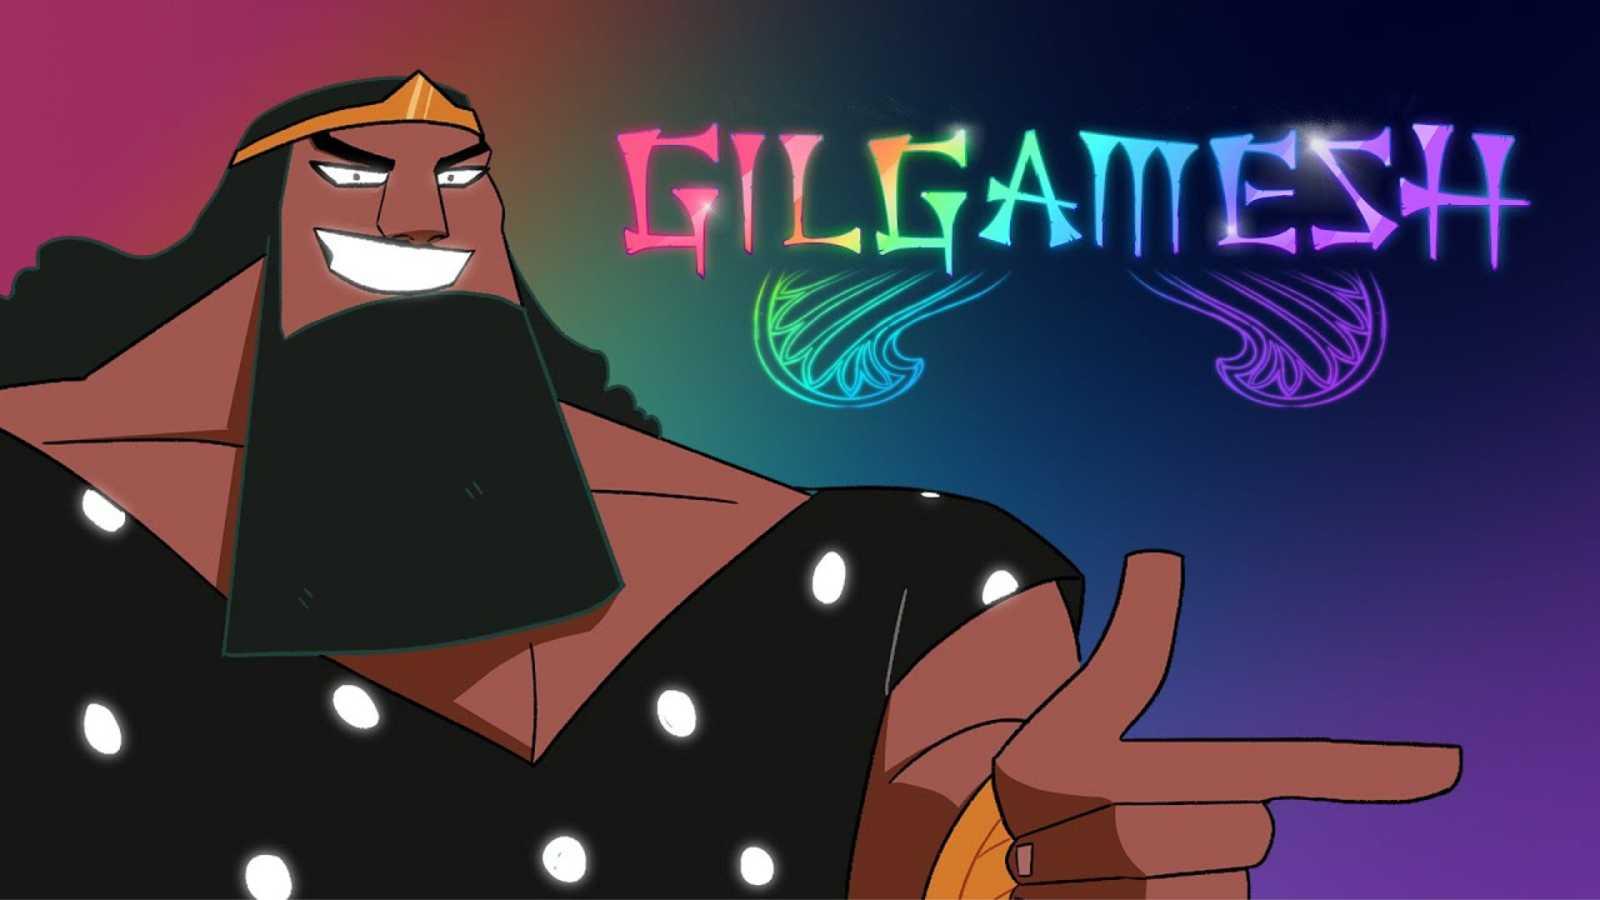 Así es Gilgamesh, el divertido regreso de Destripando la Historia